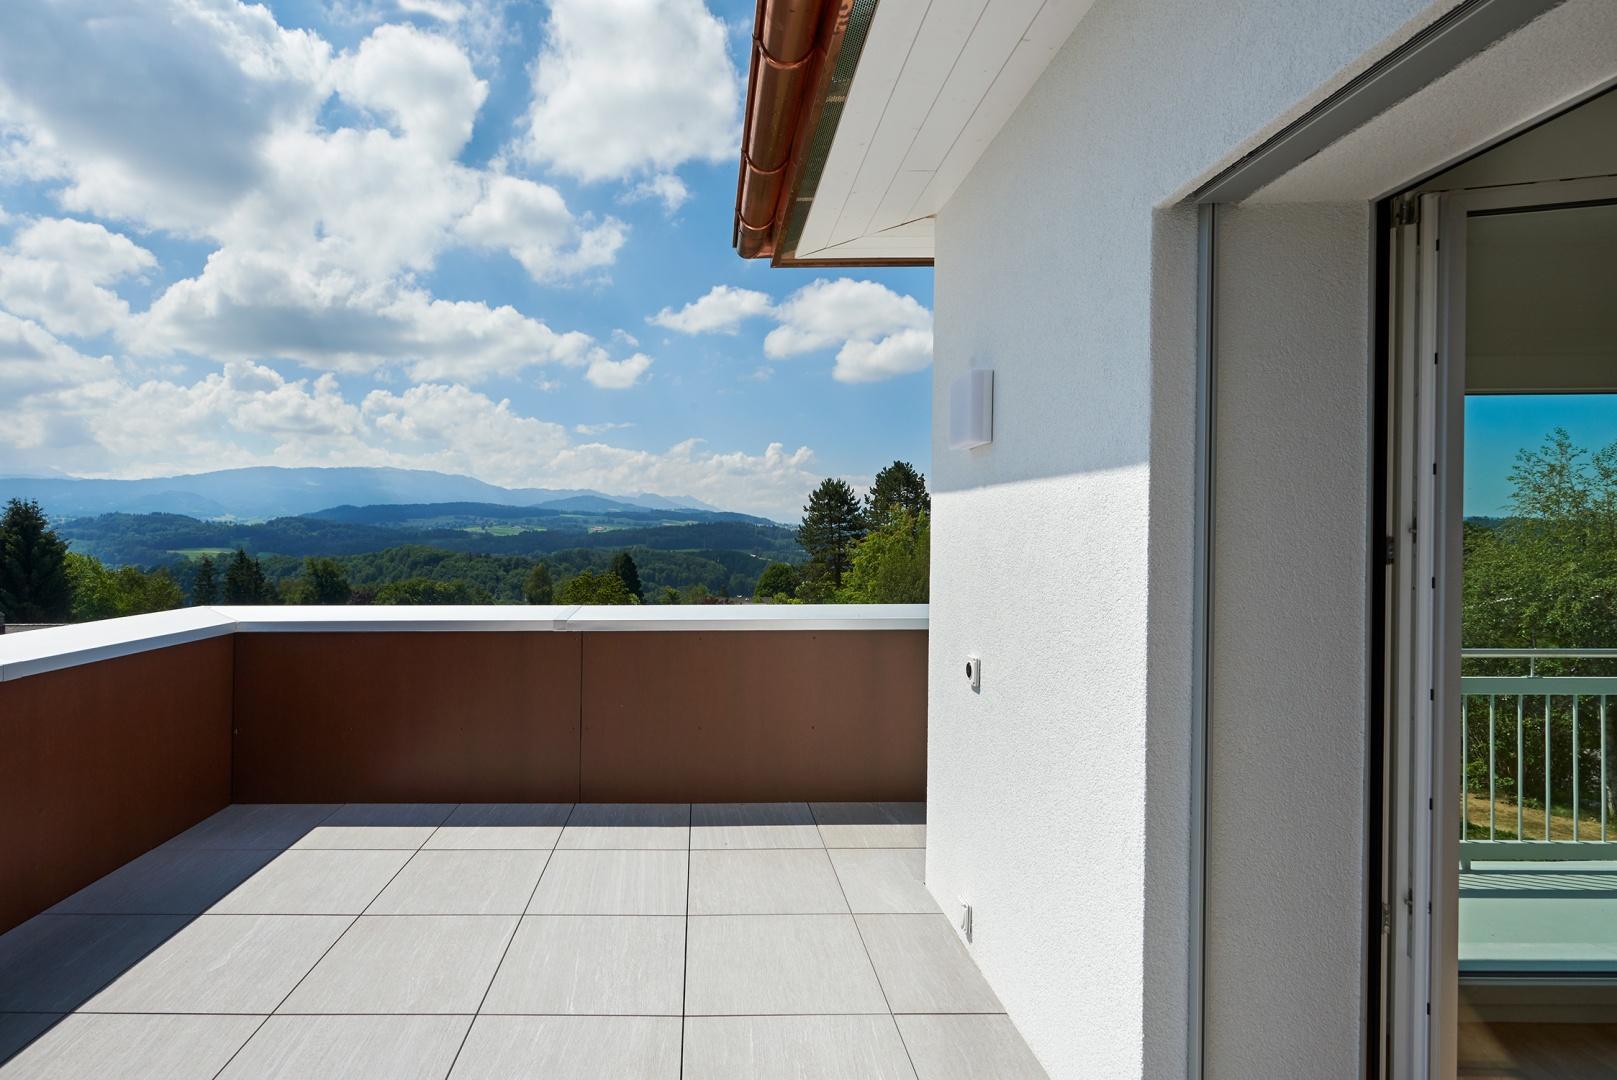 Terrasse sur le toit de l'annexe pour l'appartement créé à l'étage © Corinne Cuendet, Clarens